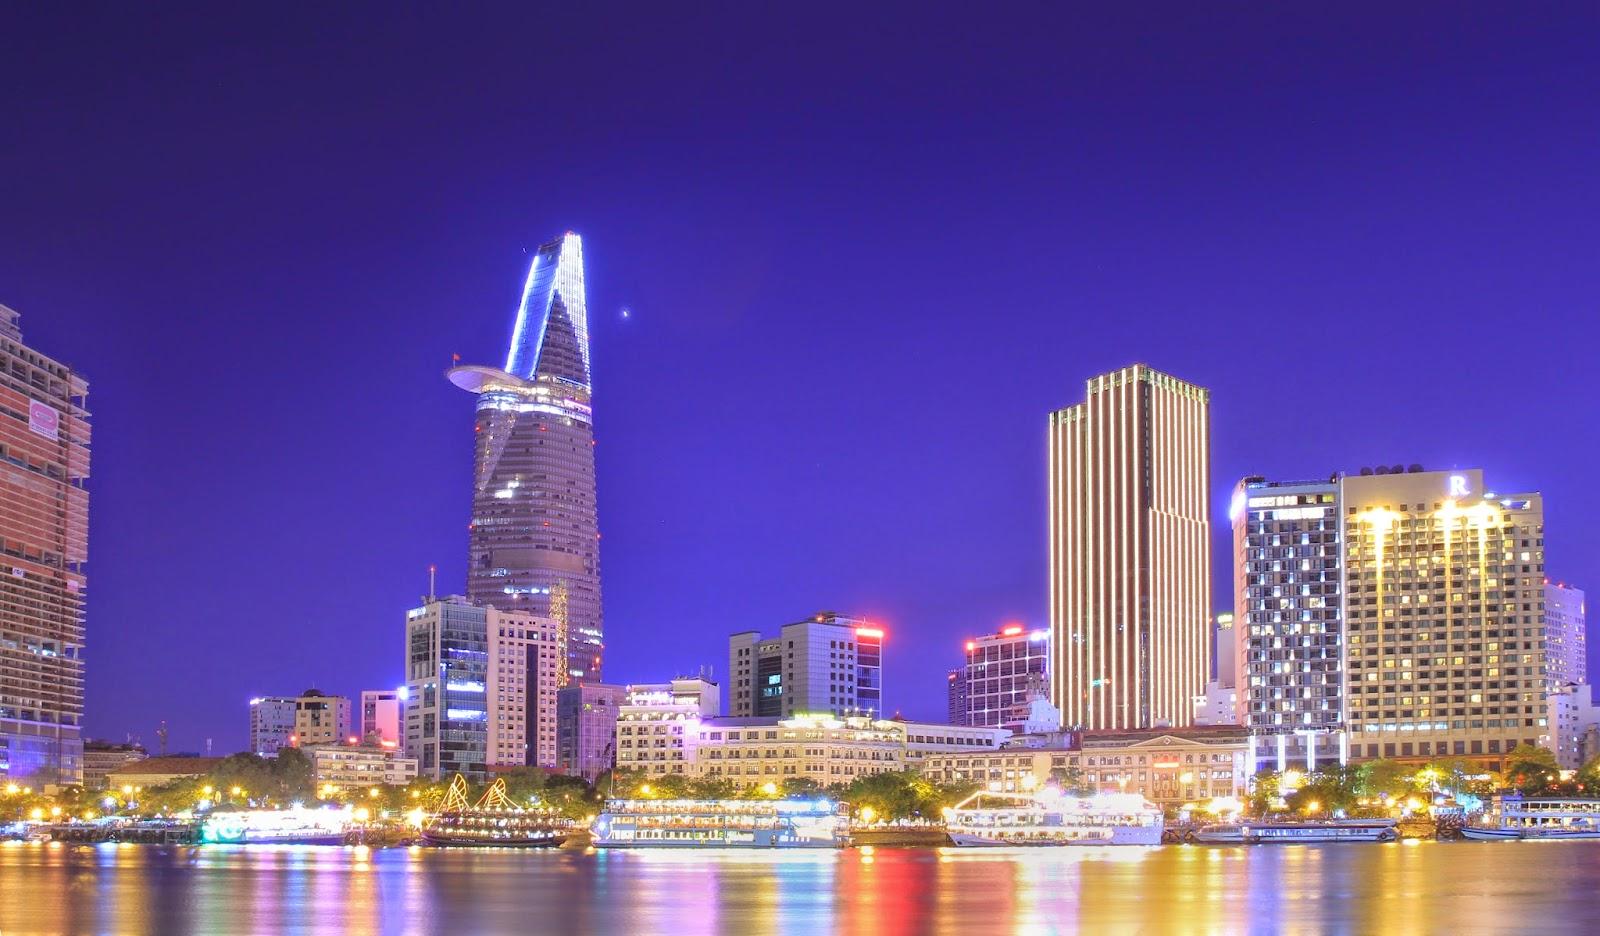 2019 越南房地產投資及越南股市投資秘笈大公開!投資新手們必看懶人包 @東南亞投資報告